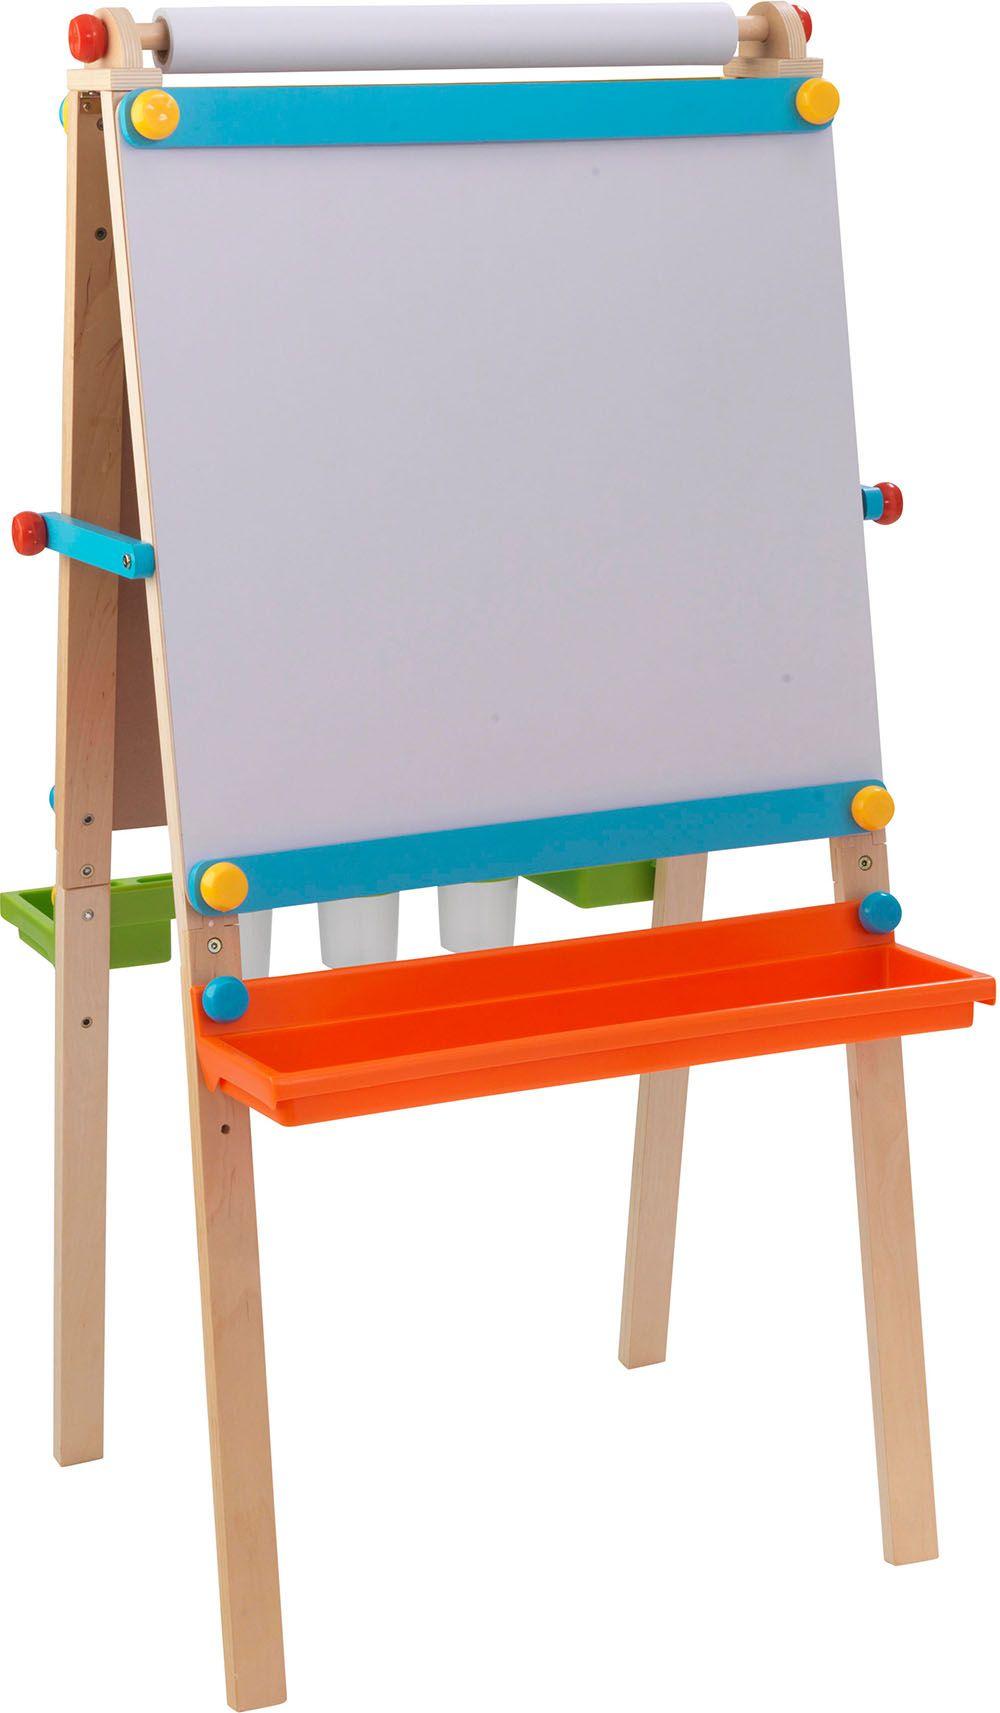 Chevalet de dessin en bois pour enfant avec rouleau pap - Table a dessin enfant ...